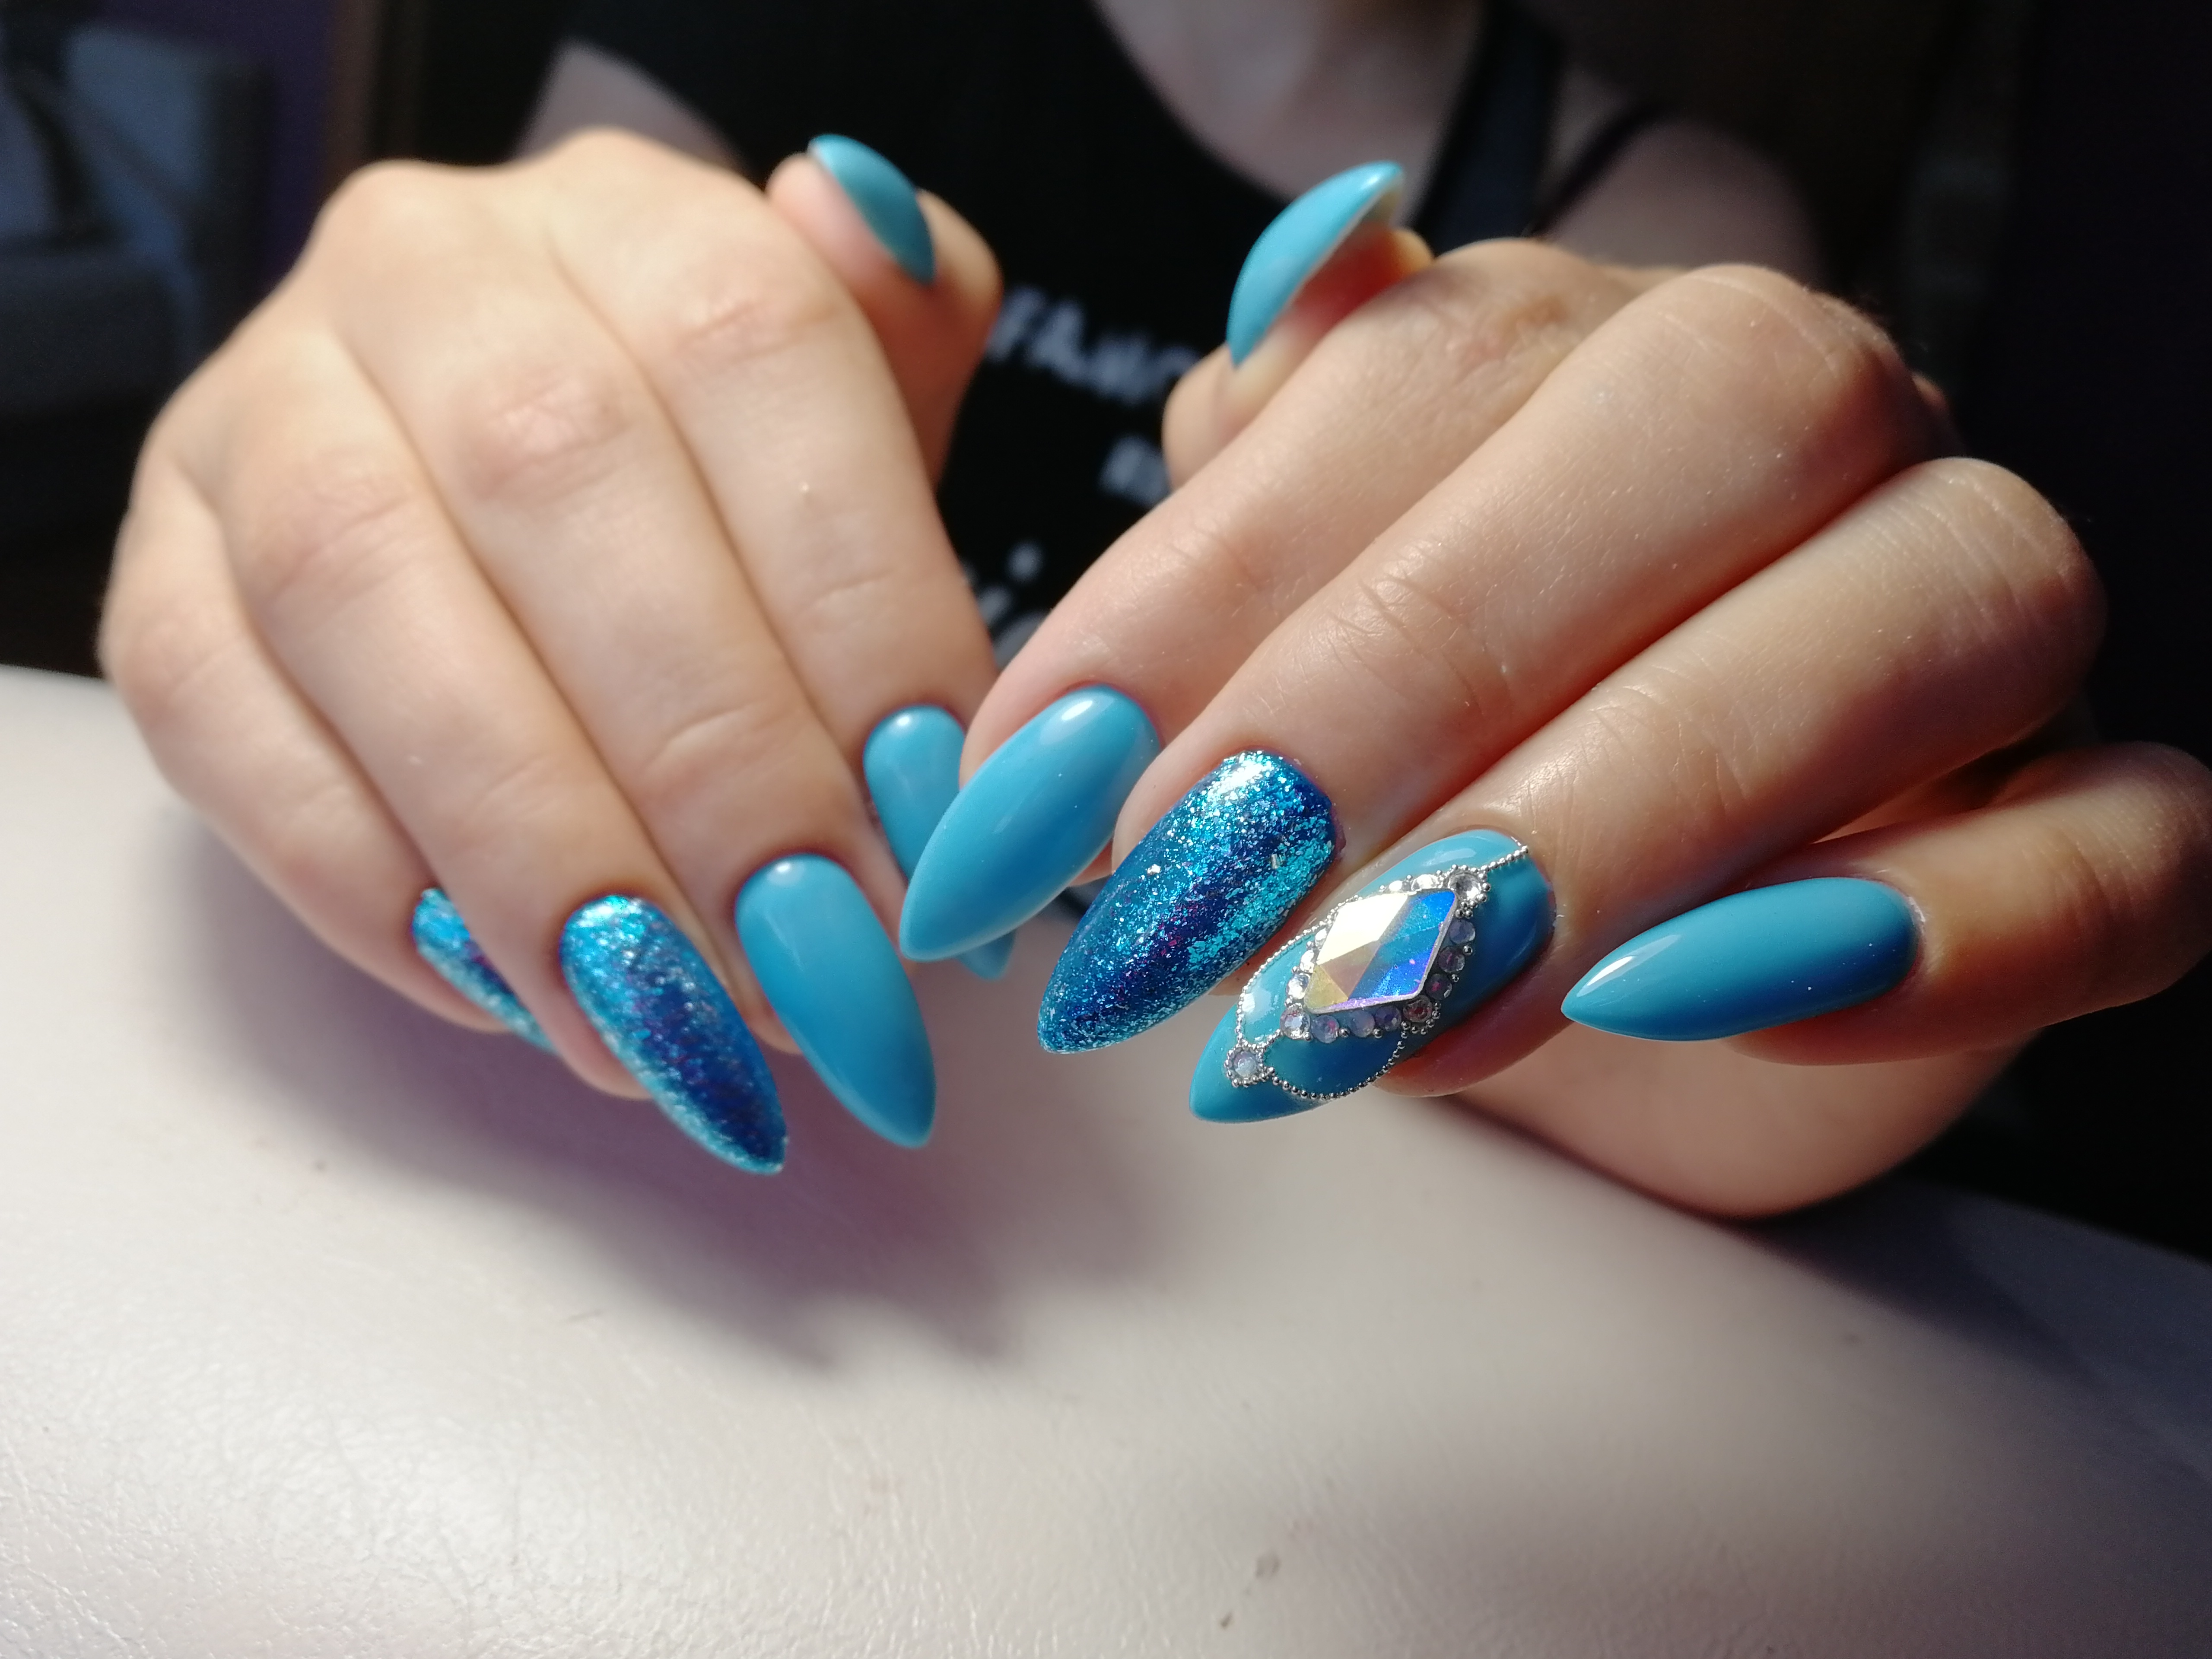 Маникюр с блестками и стразами в голубом цвете на длинные ногти.